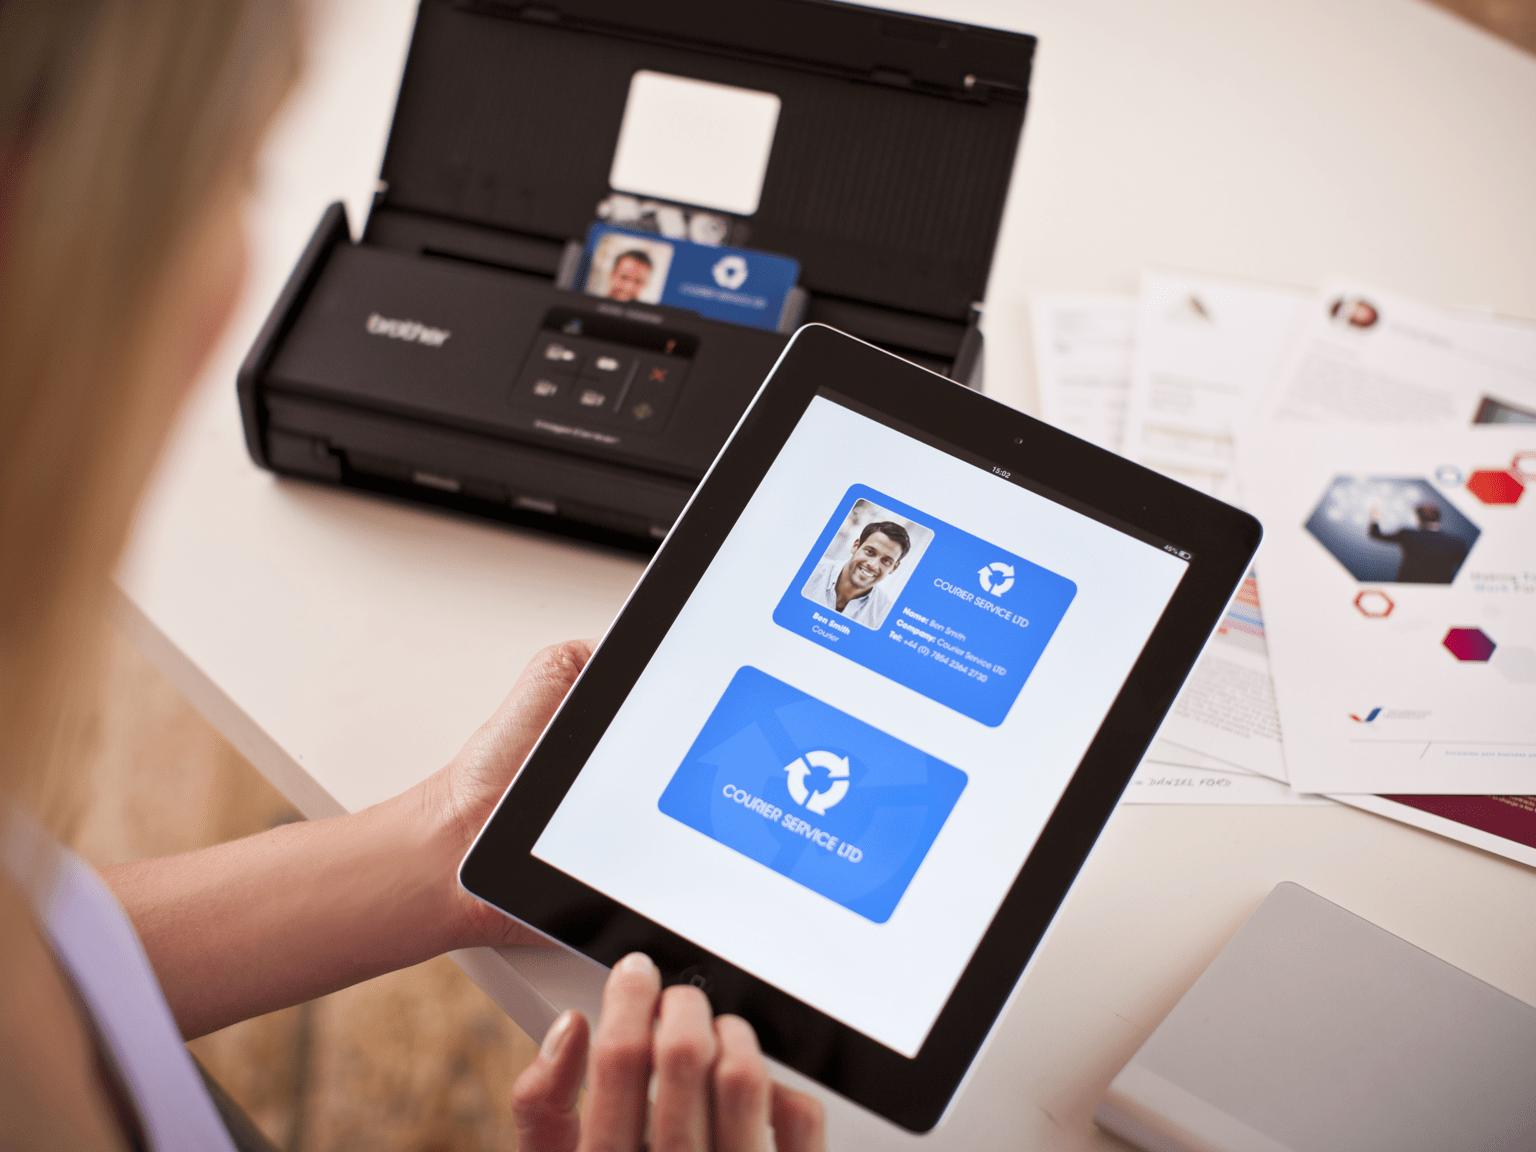 Numérisez vos factures facilement avec les scanners Brother